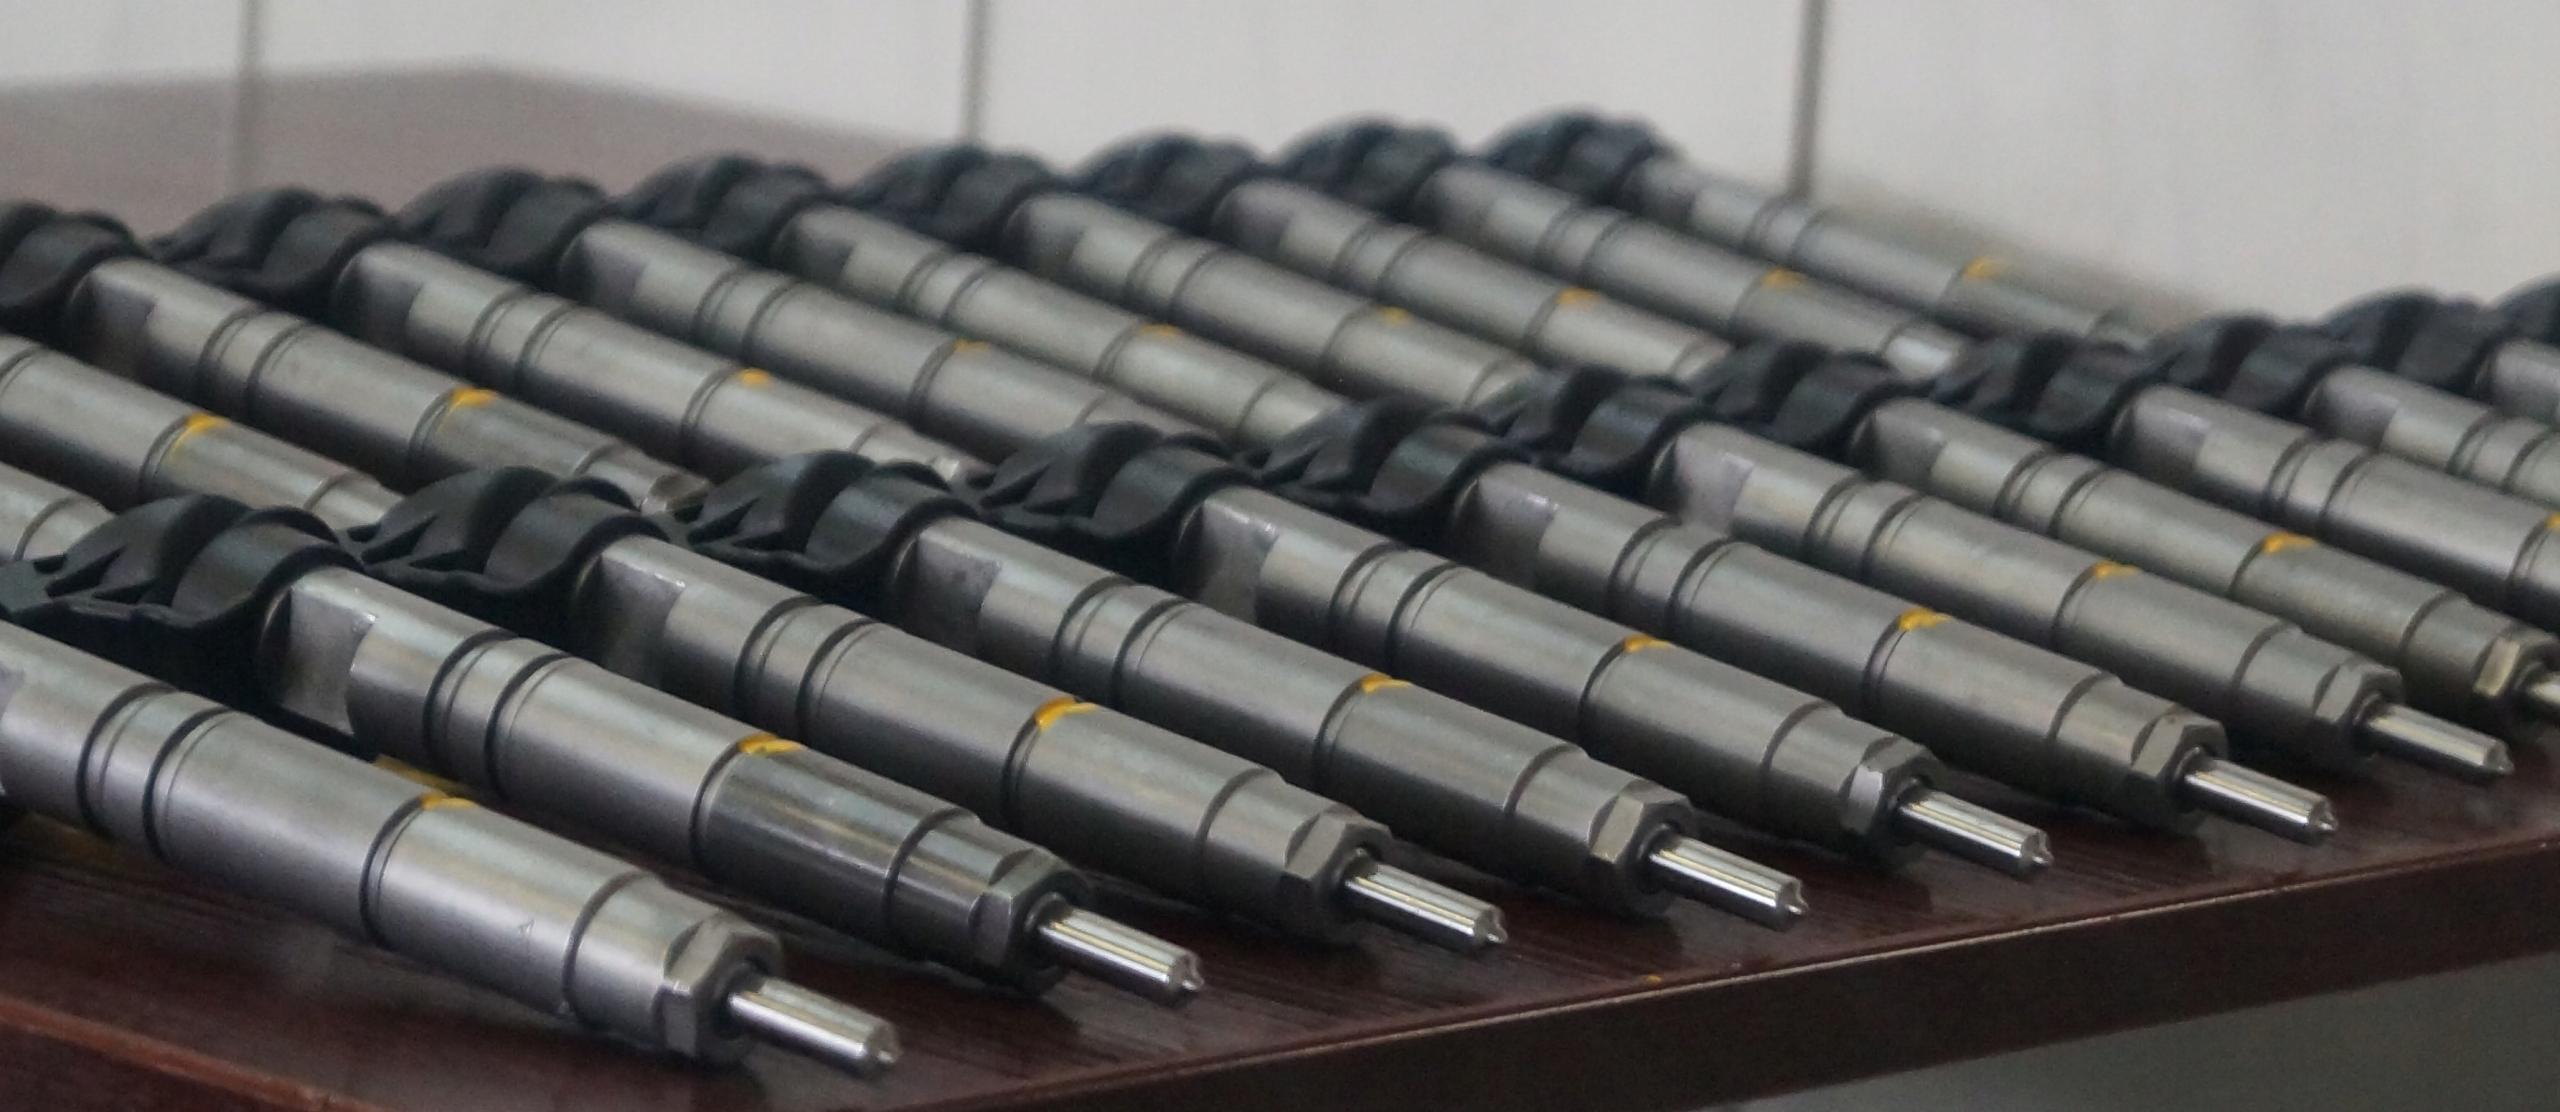 Reparatii injectoare Mercedes 0445115033 - 0986435356 - 0445115069 - A6460701187. Reparatii injectoare Mercedes / Reconditionari injectoare Mercedes 2.2 CDI E4, injector Piezo Bosch, Pret 420 Ron + TVA / buc.